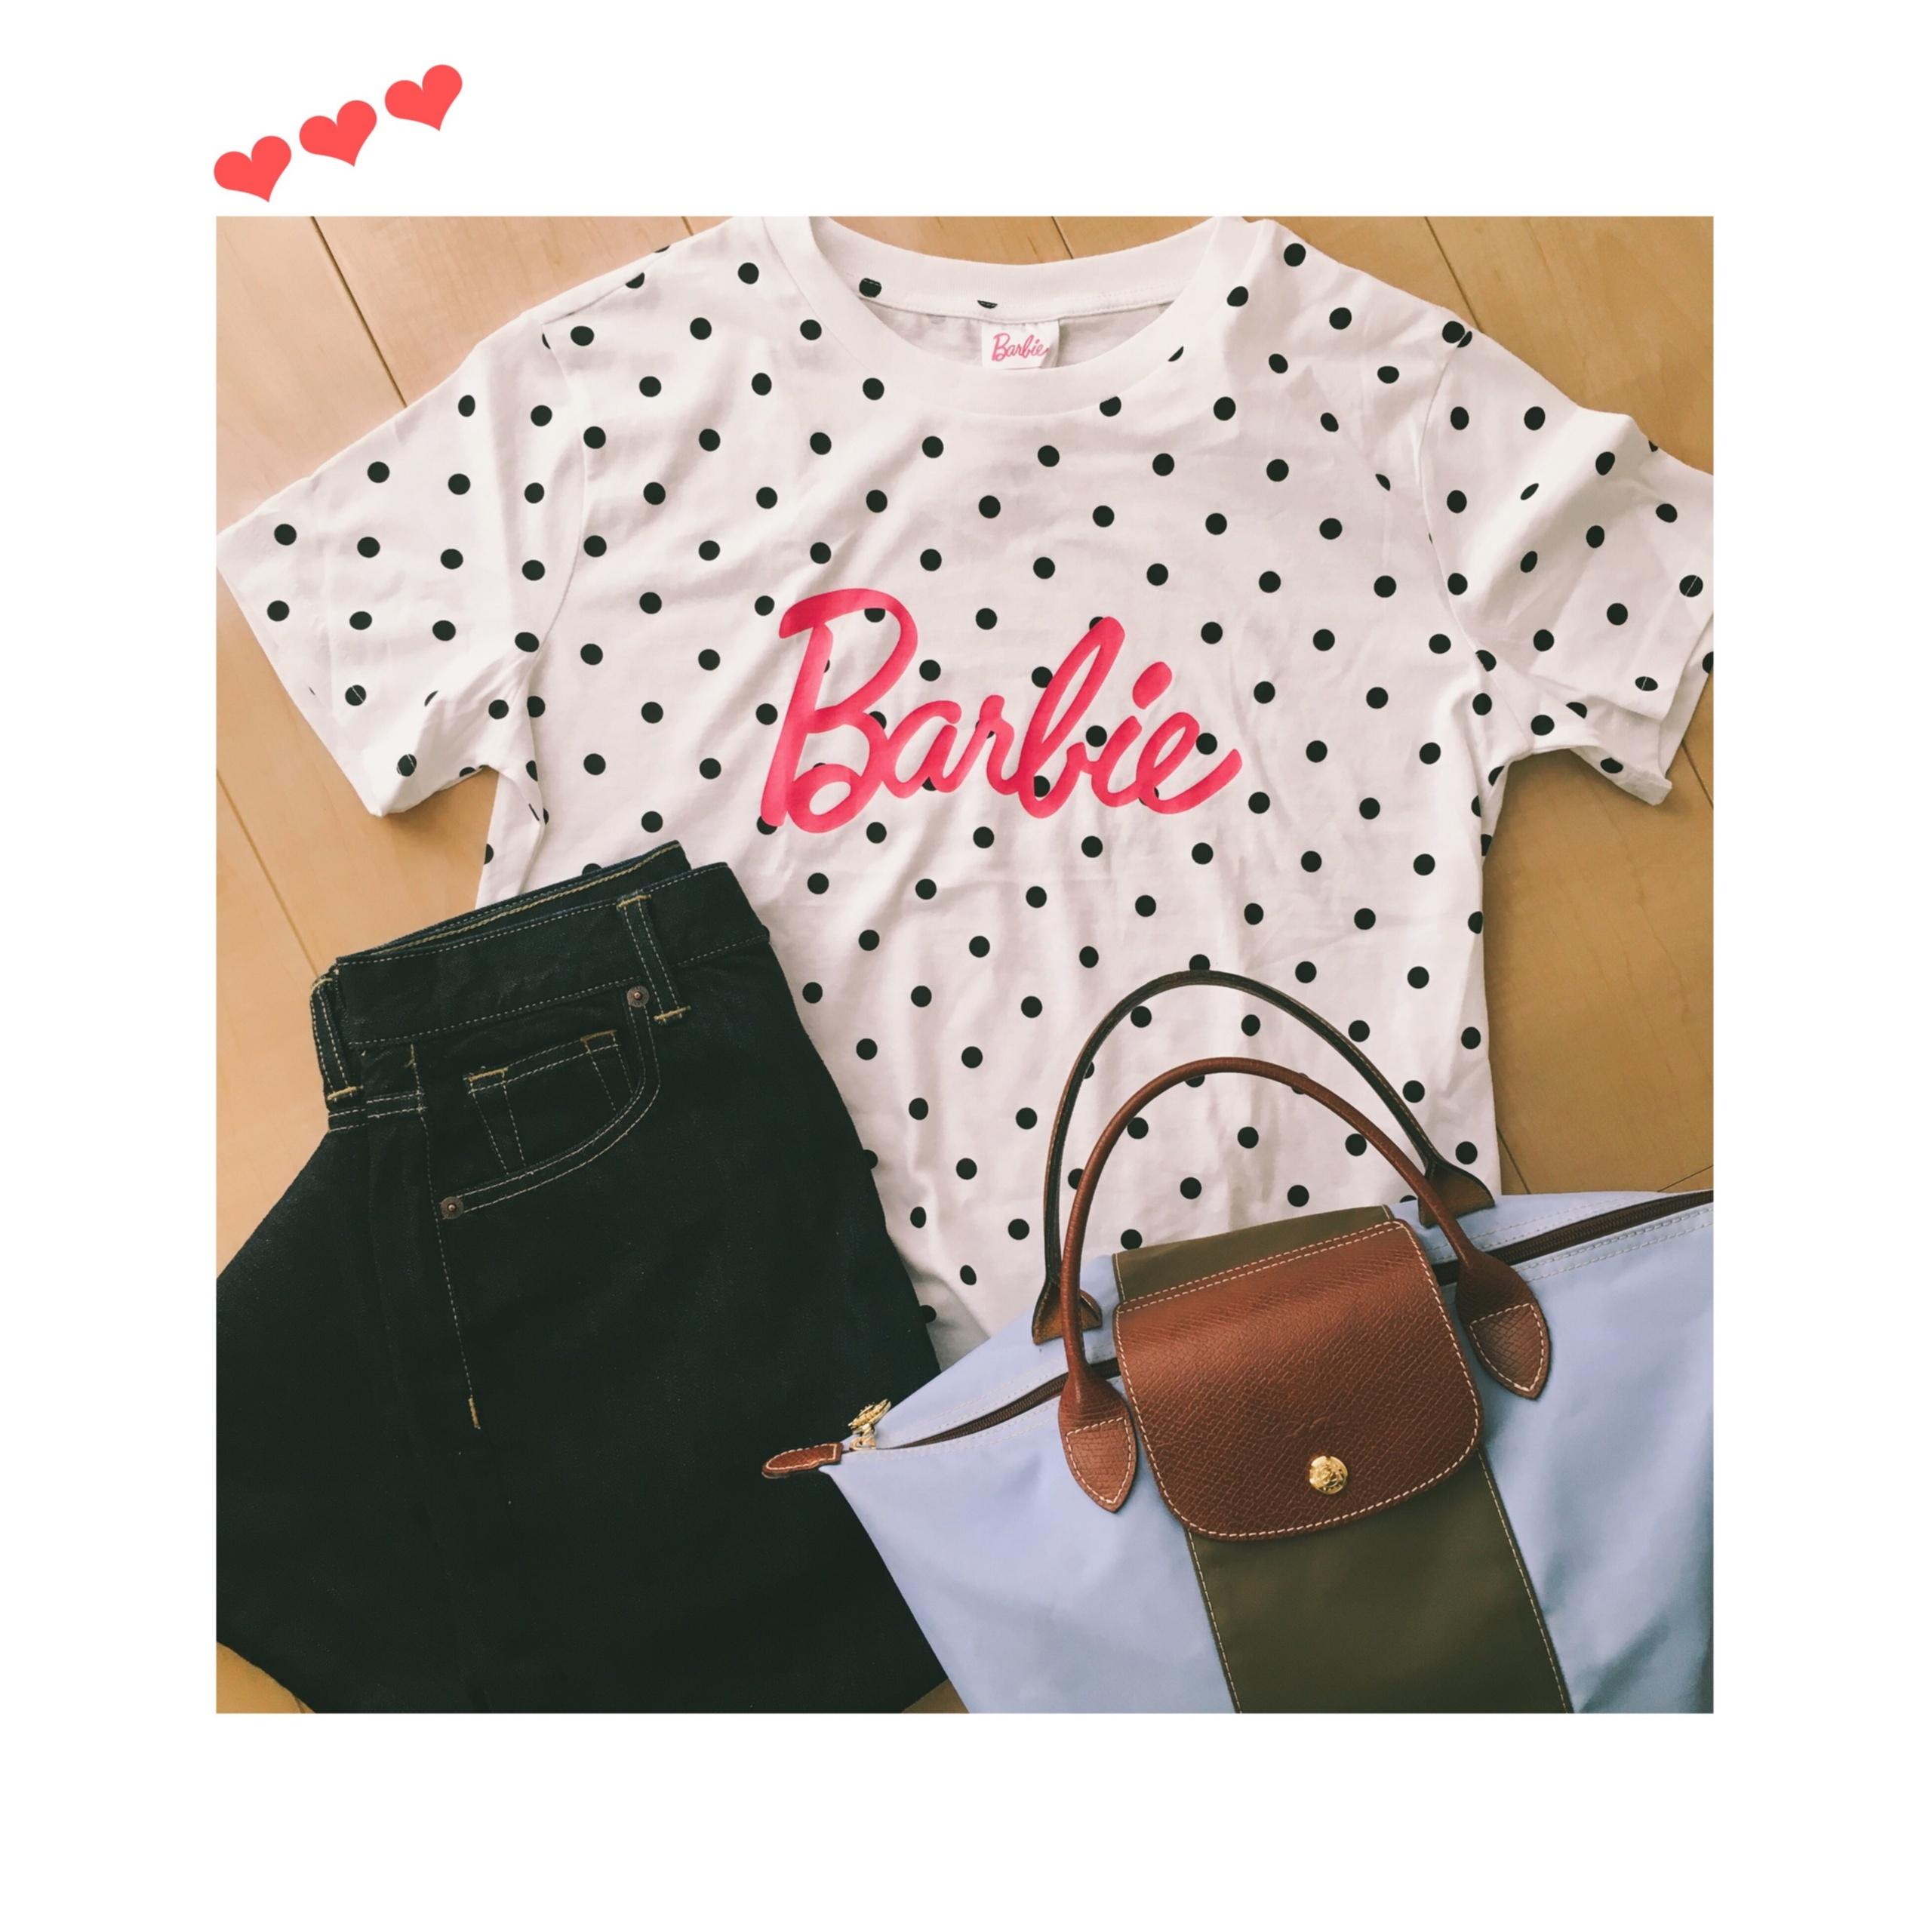 《大人が着ても可愛い♡》【GU】初のコラボ★大人気!BarbieとのコラボTシャツを¥790+税でgetしました✌︎❤️_2